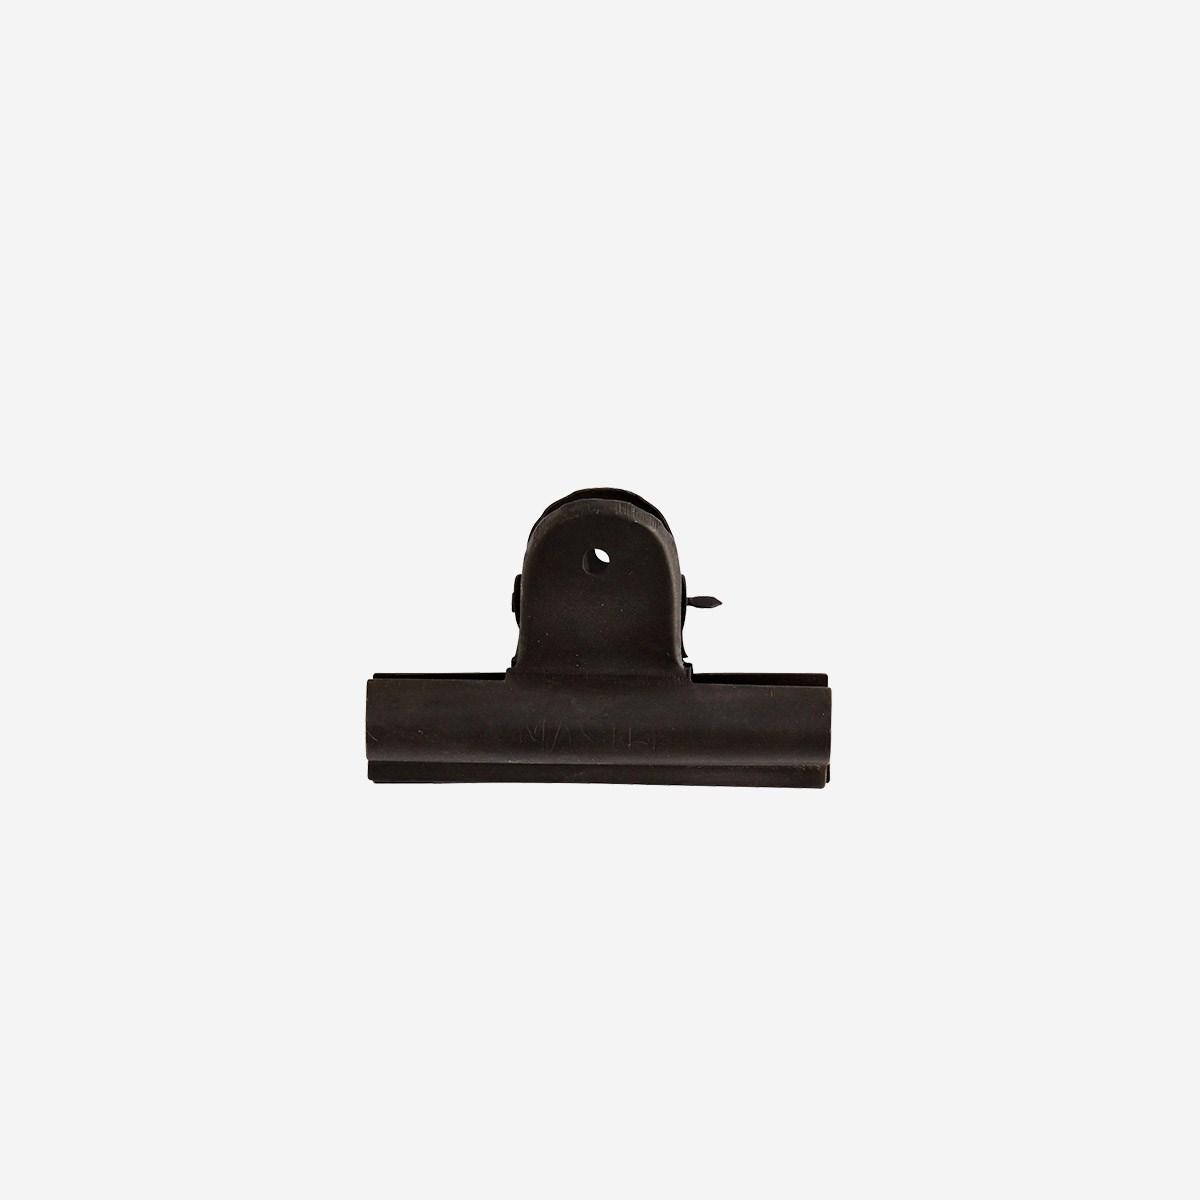 Iron Clip, Black by Madam Stoltz